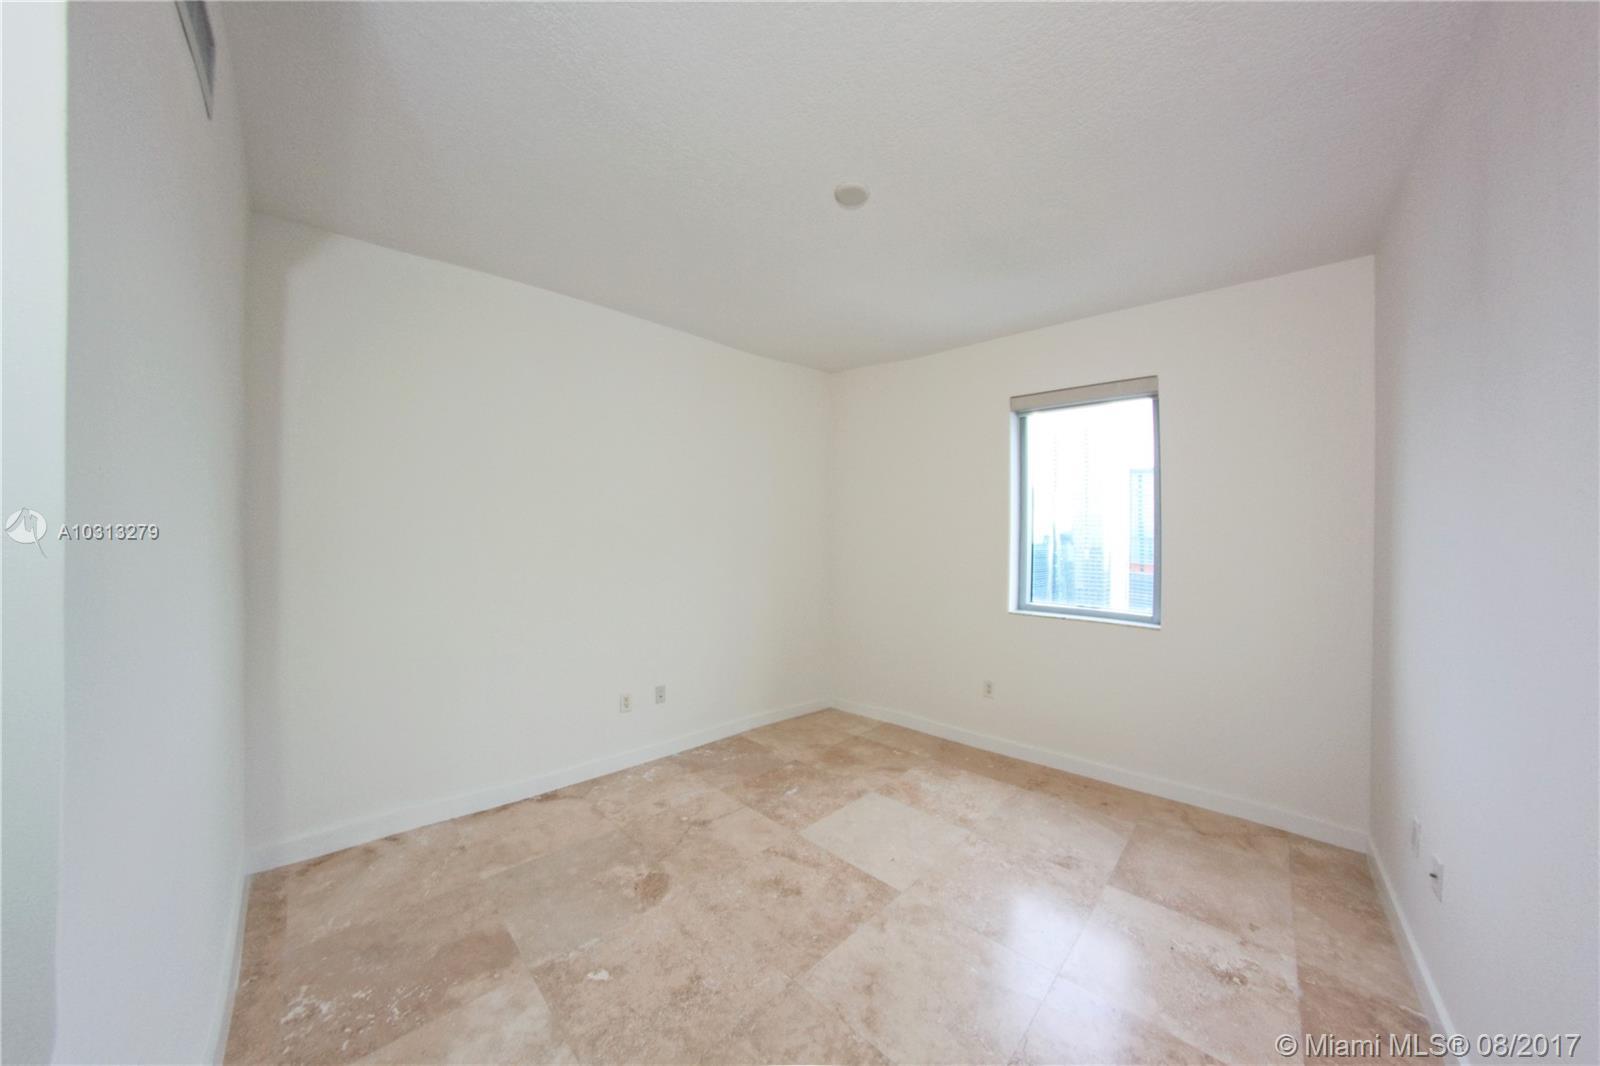 1050 Brickell Ave & 1060 Brickell Avenue, Miami FL 33131, Avenue 1060 Brickell #3911, Brickell, Miami A10313279 image #12